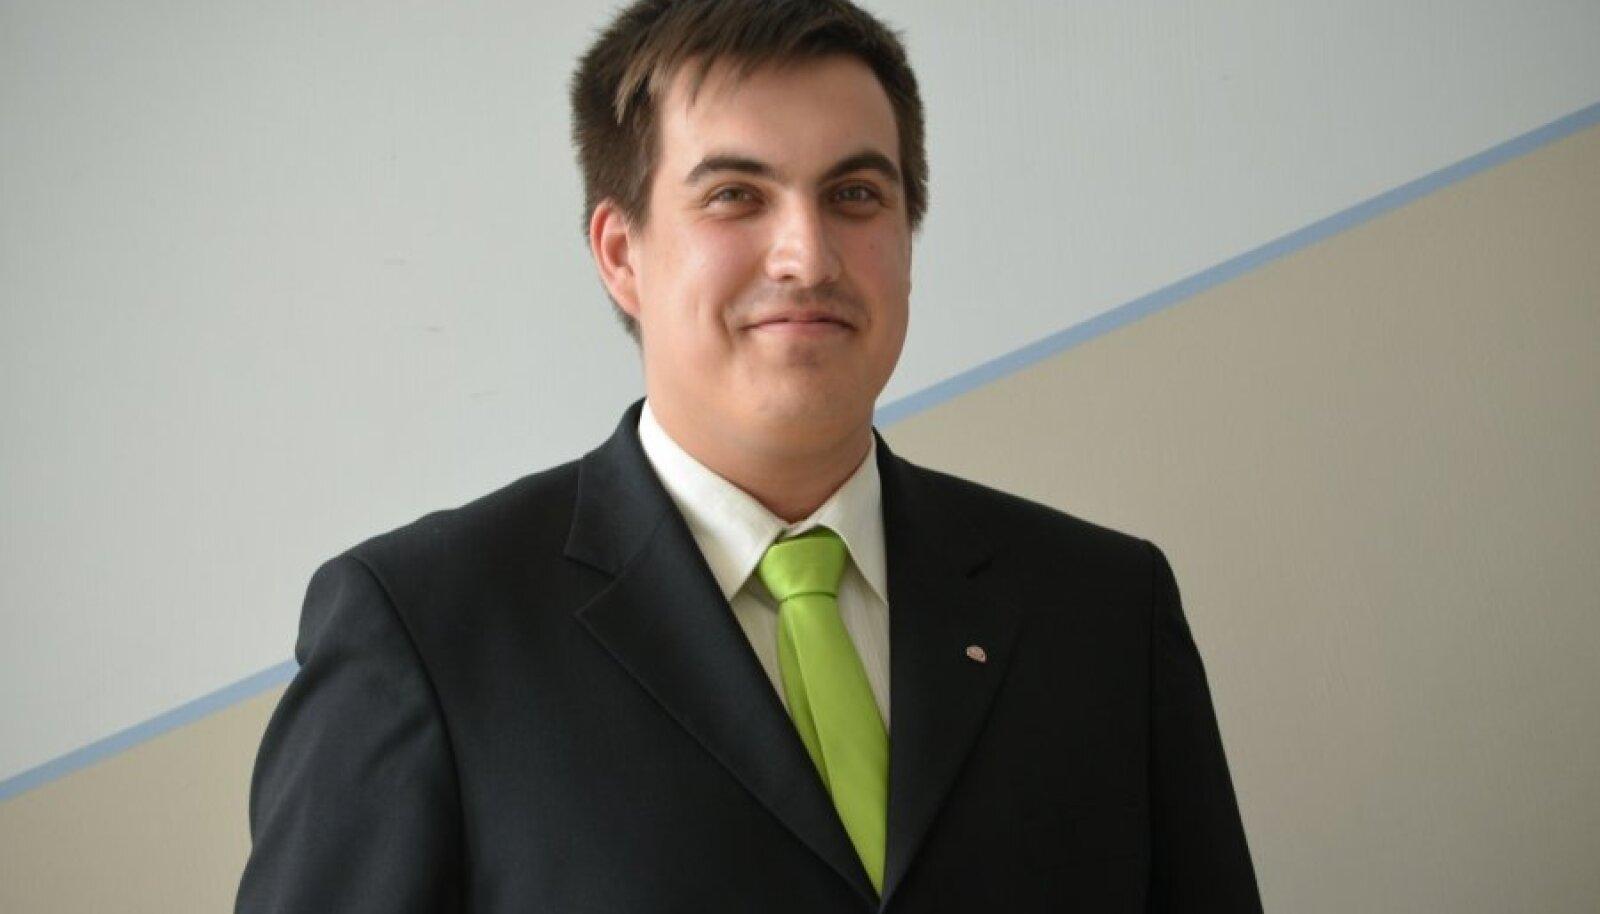 Karl Kirt